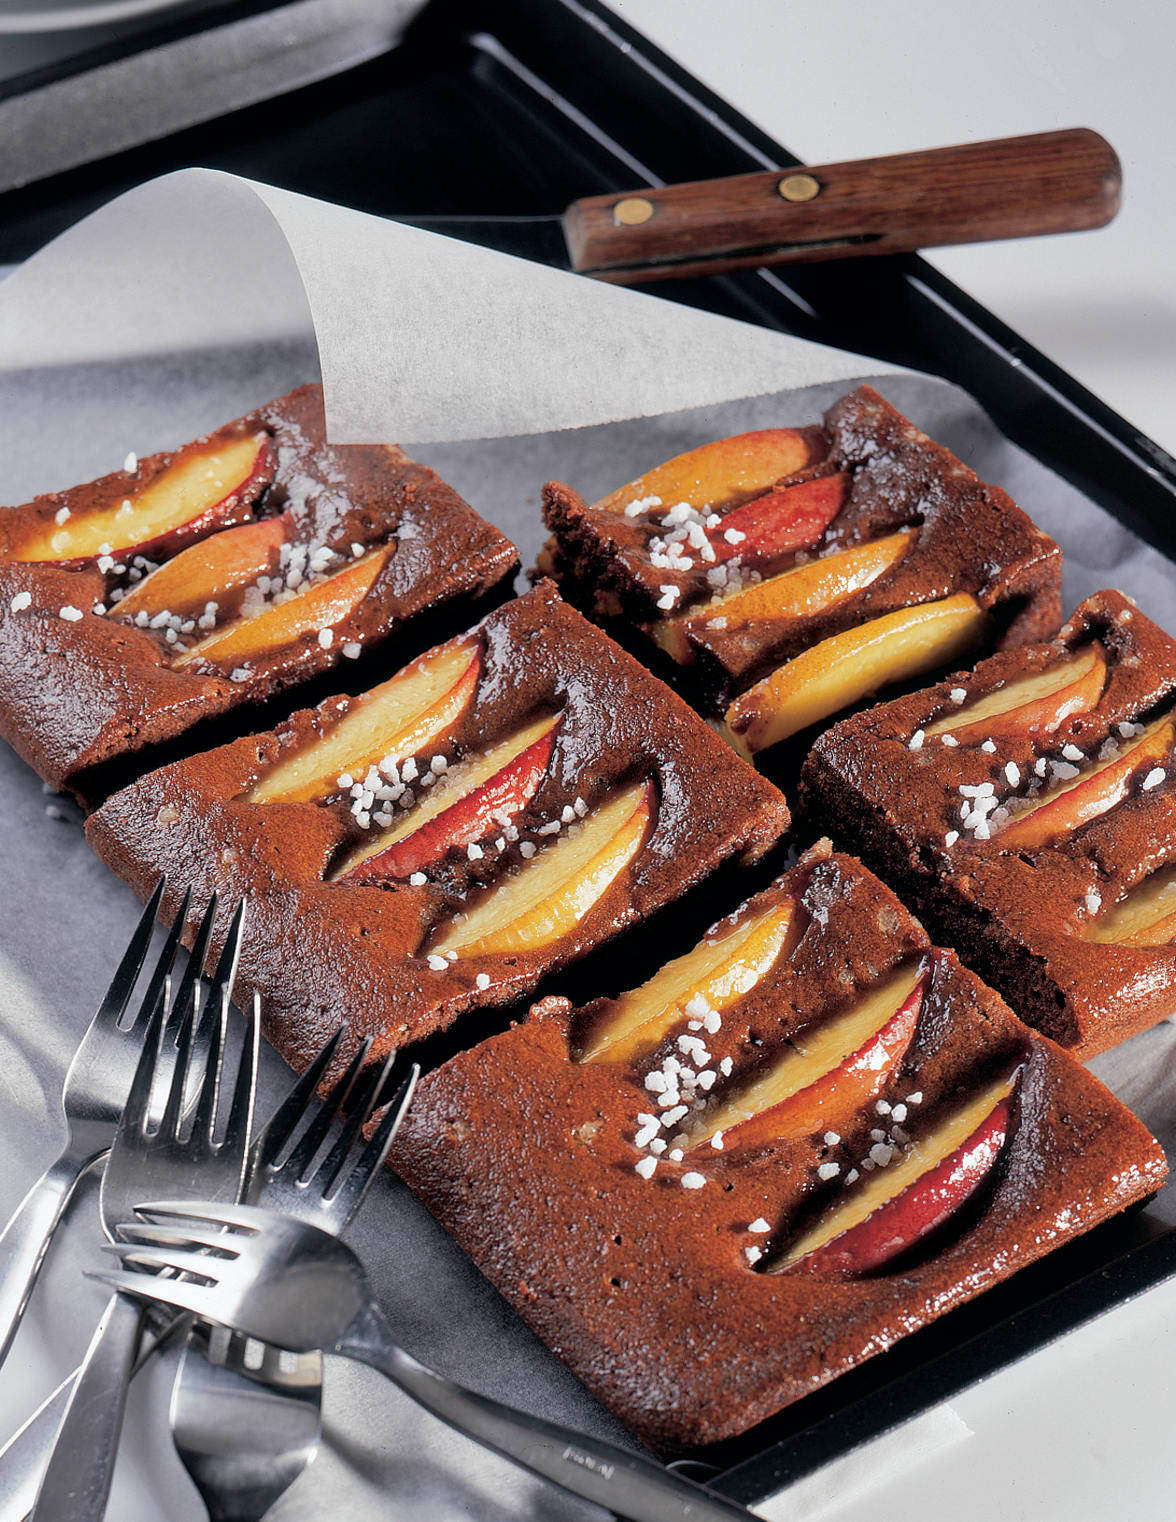 Schokoladen-Blechkuchen mit Pfirsich